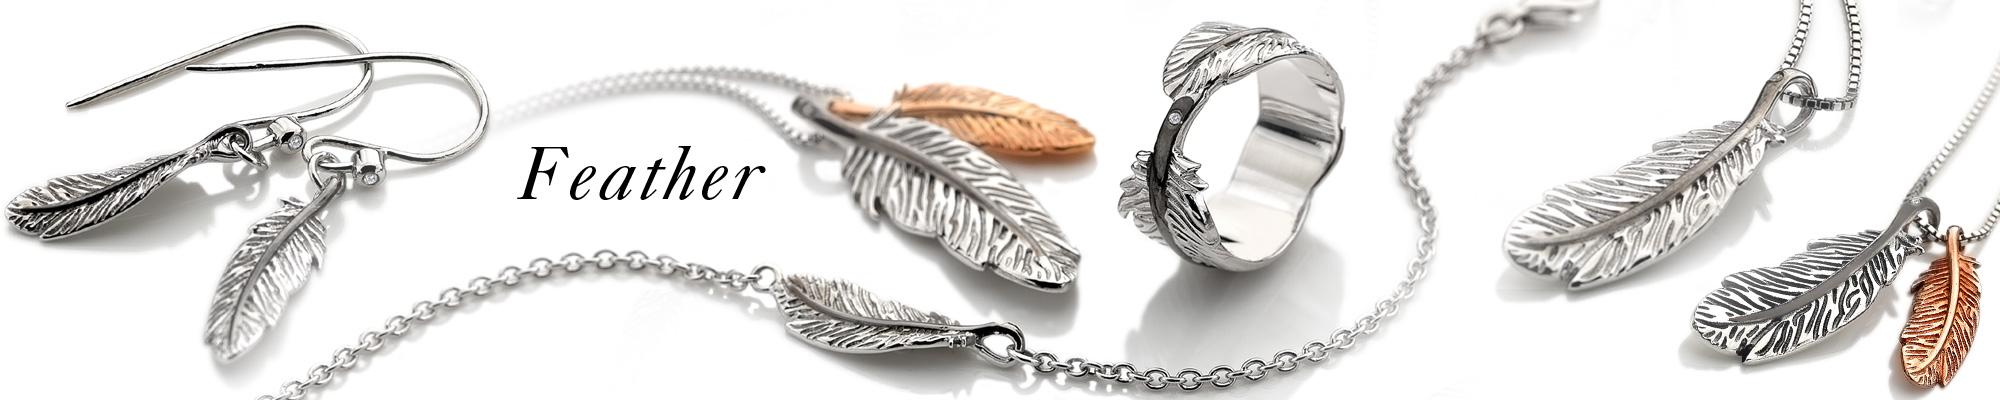 Kolekce Feather